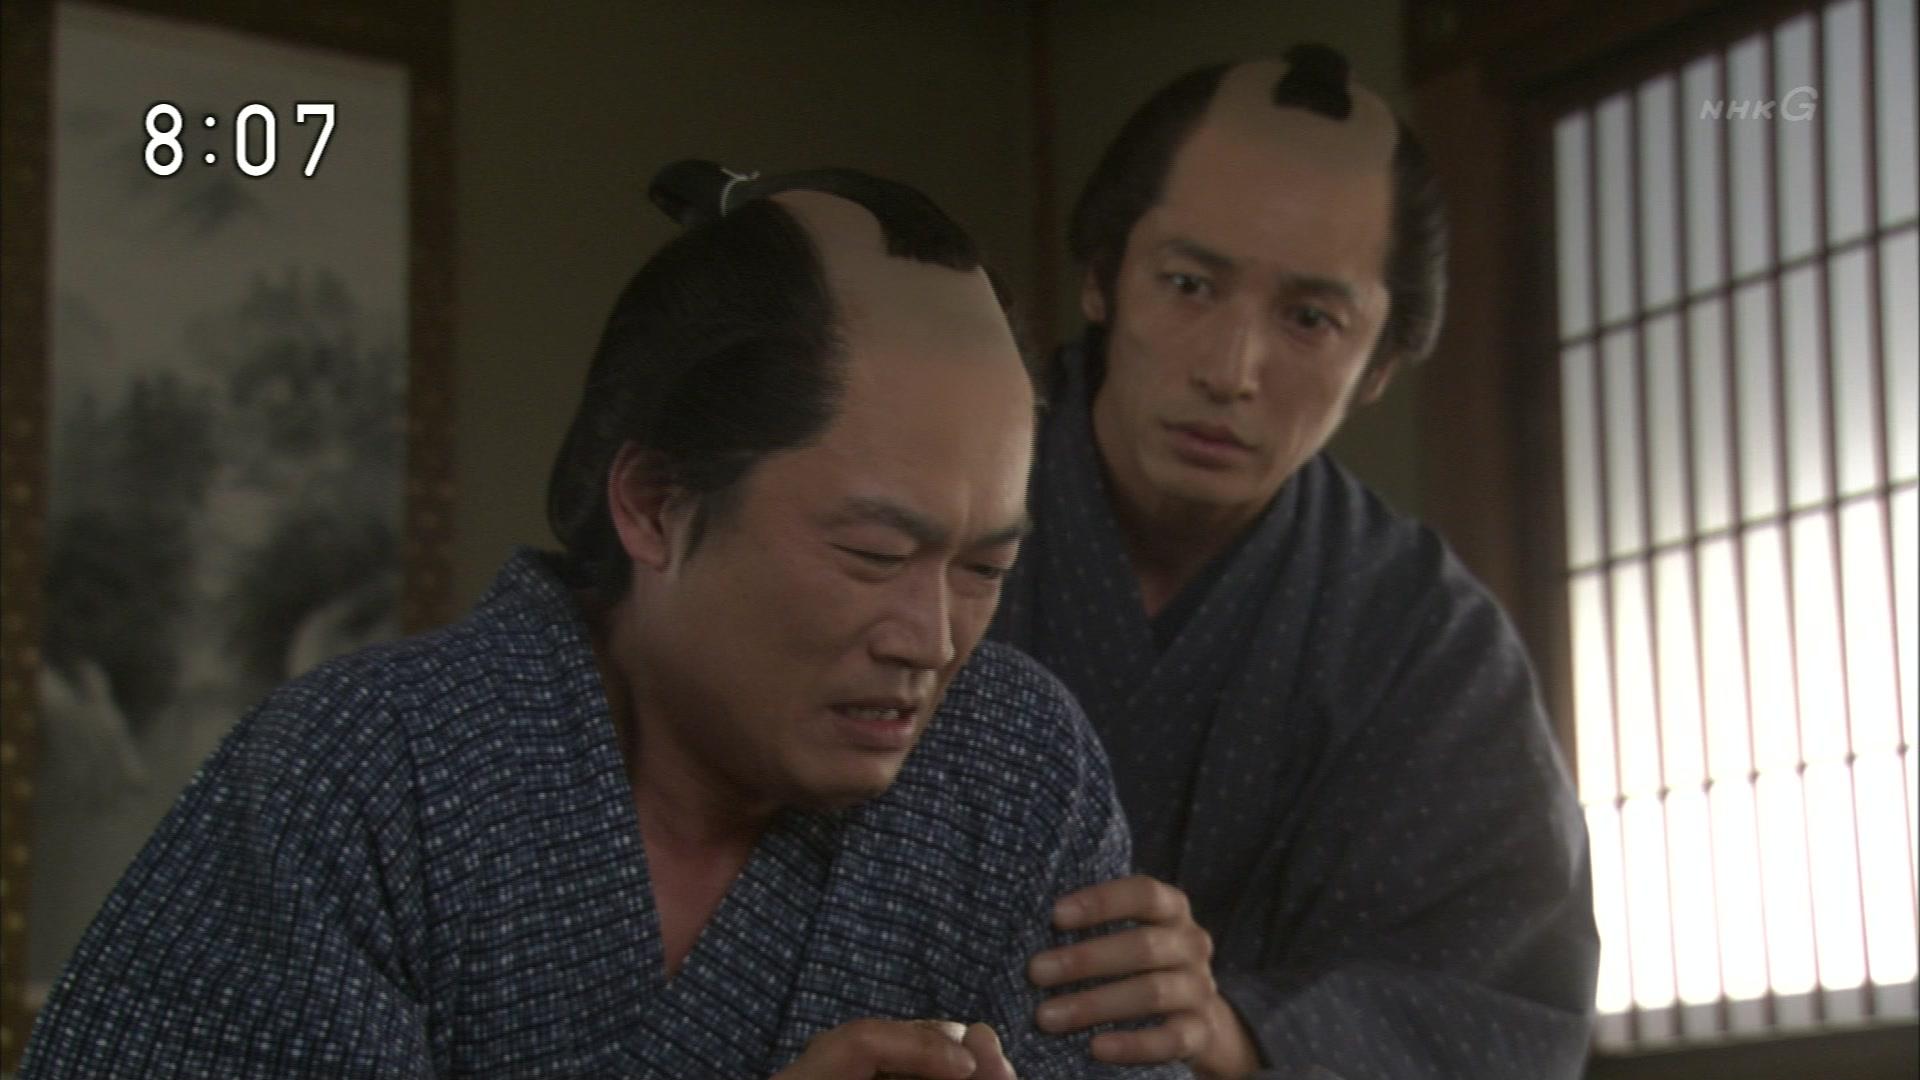 2015-10-07 08:00 連続テレビ小説 あさが来た(9)「ふたつの花びら」 1416